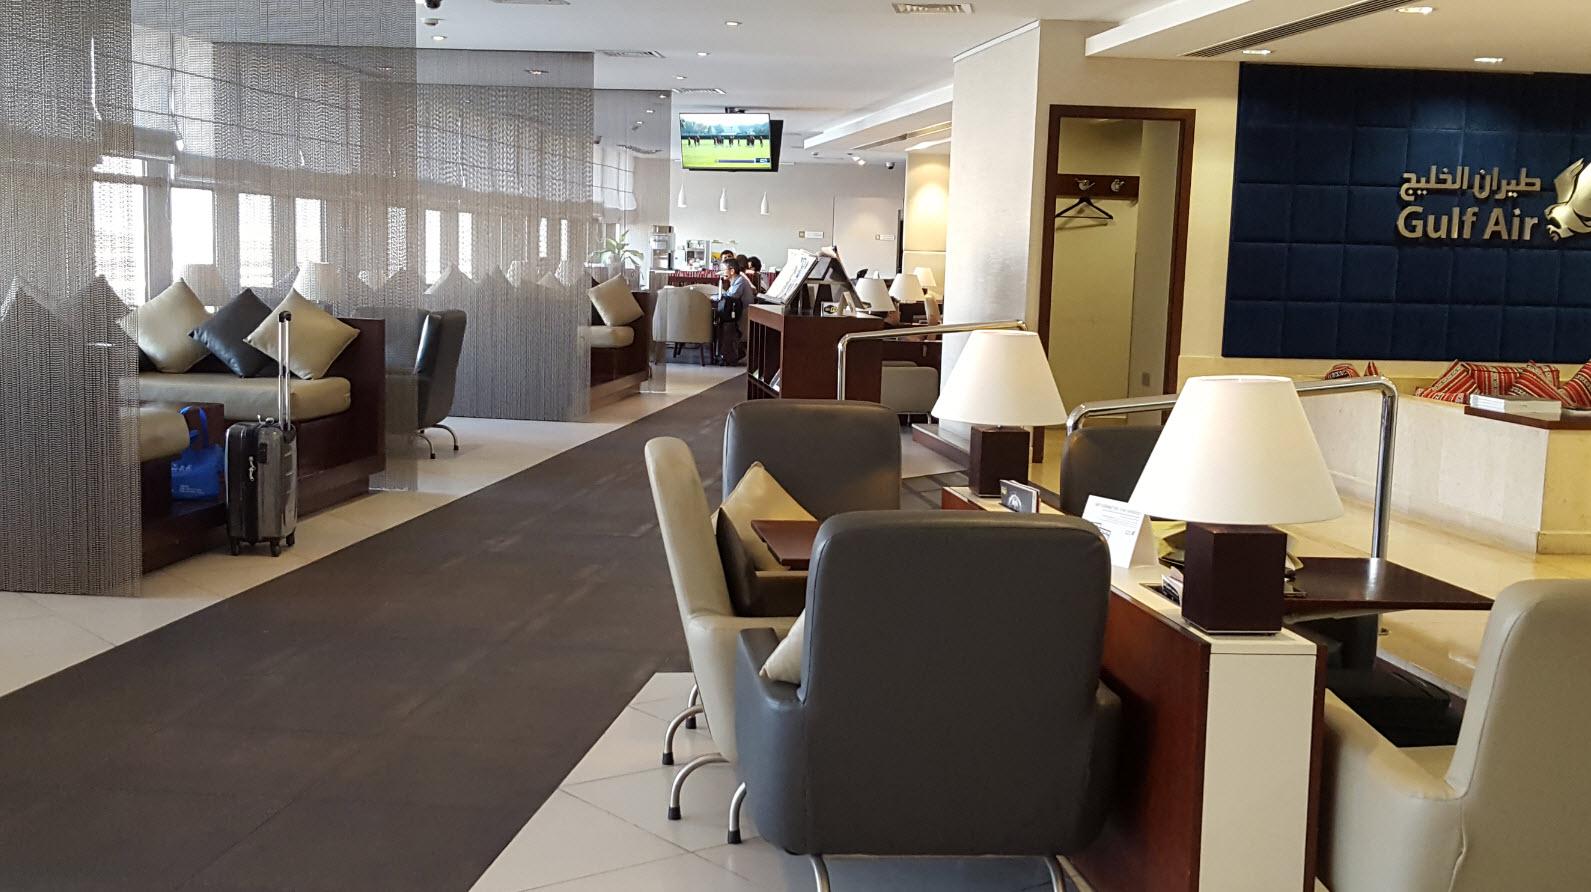 Gulf Air Lounge 2